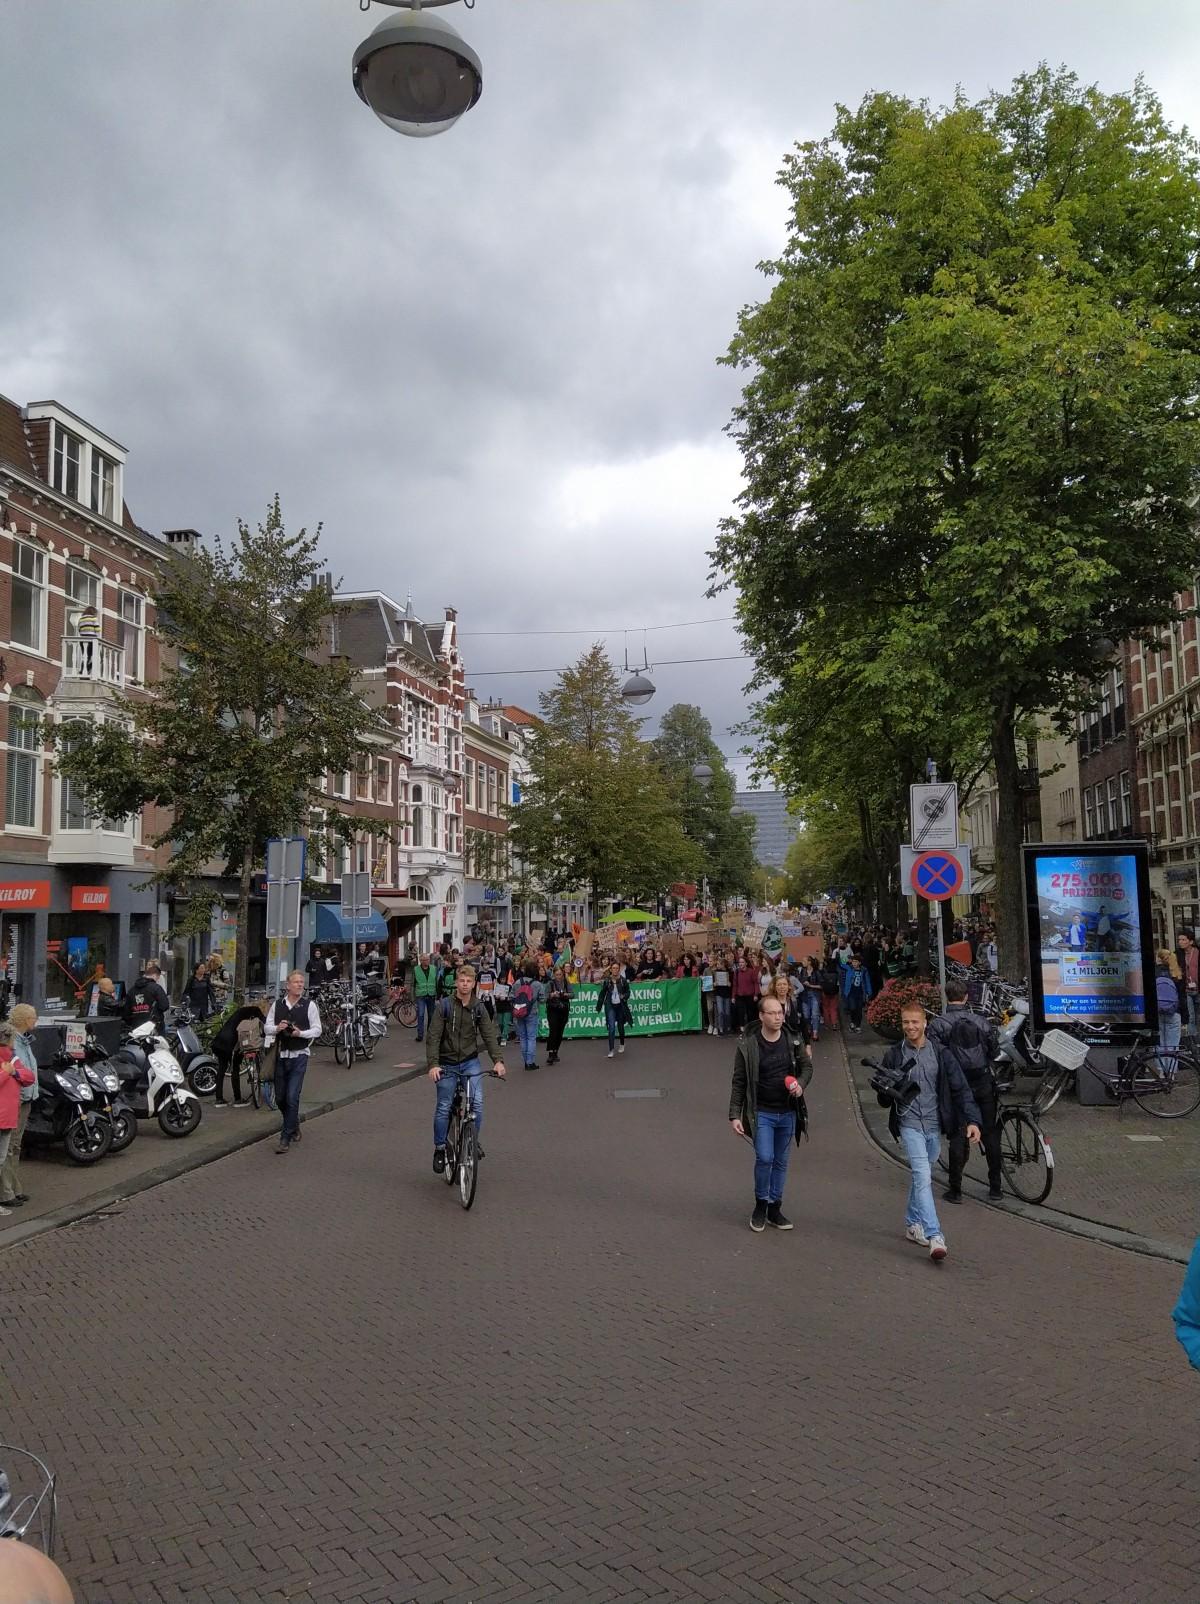 Grote opkomst Klimaatstaking en Klimaatmars in DenHaag